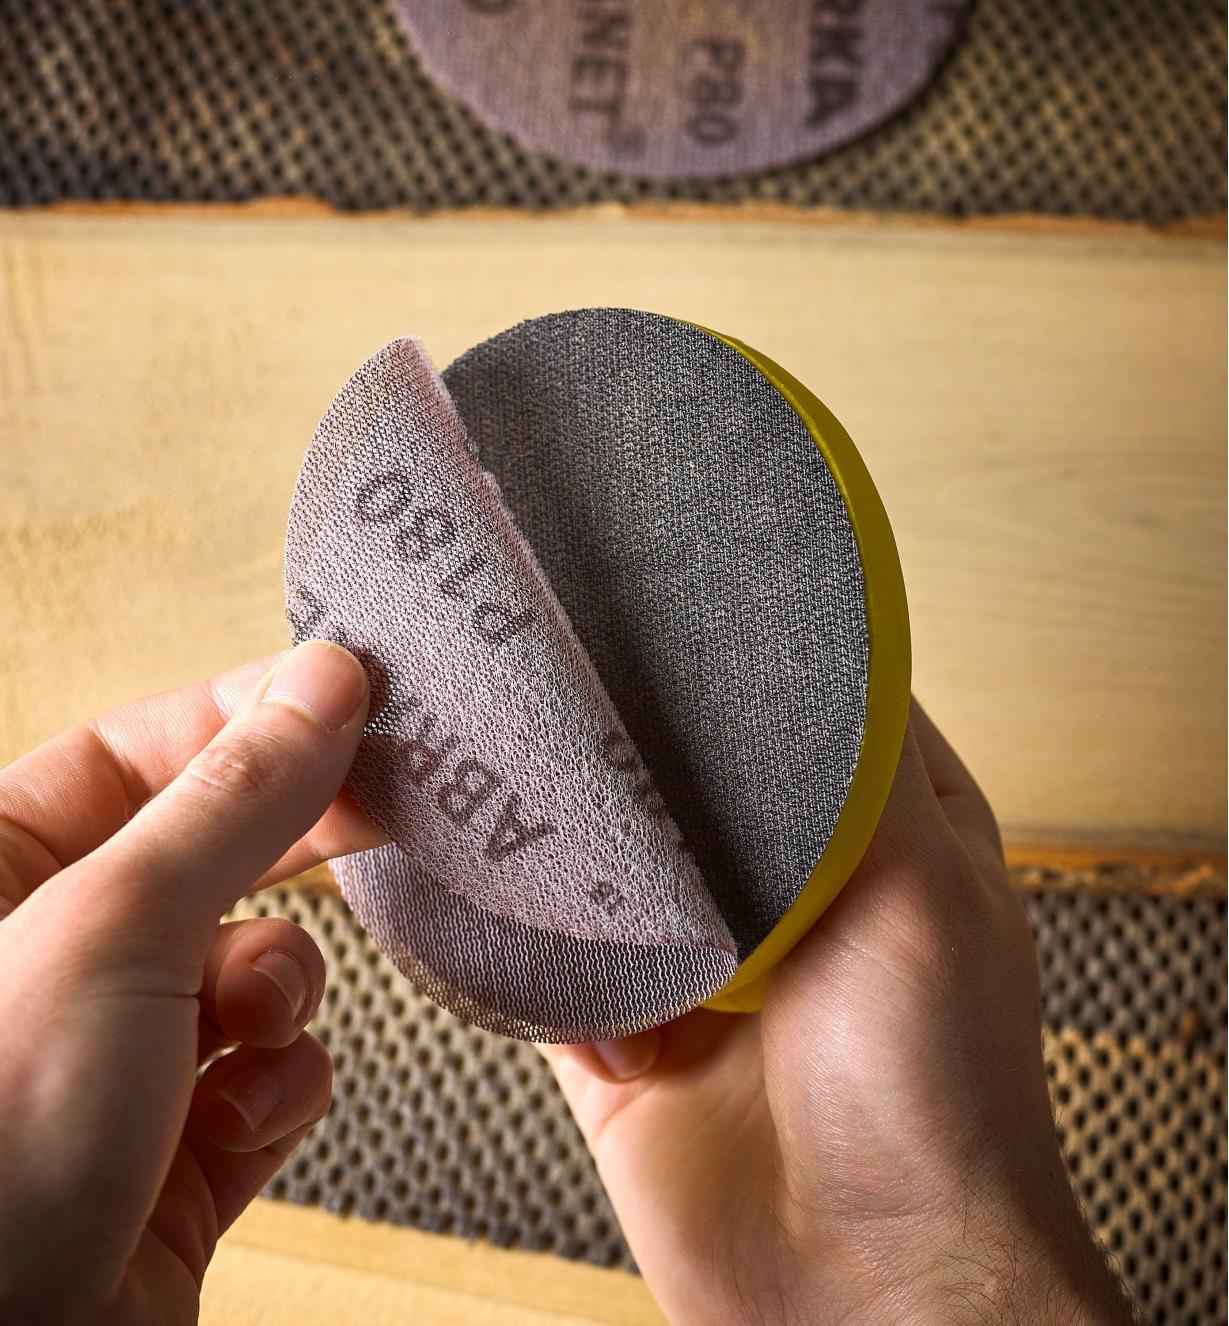 Personne posant un disque de ponçage sur une cale de ponçage de 5 po de diamètre